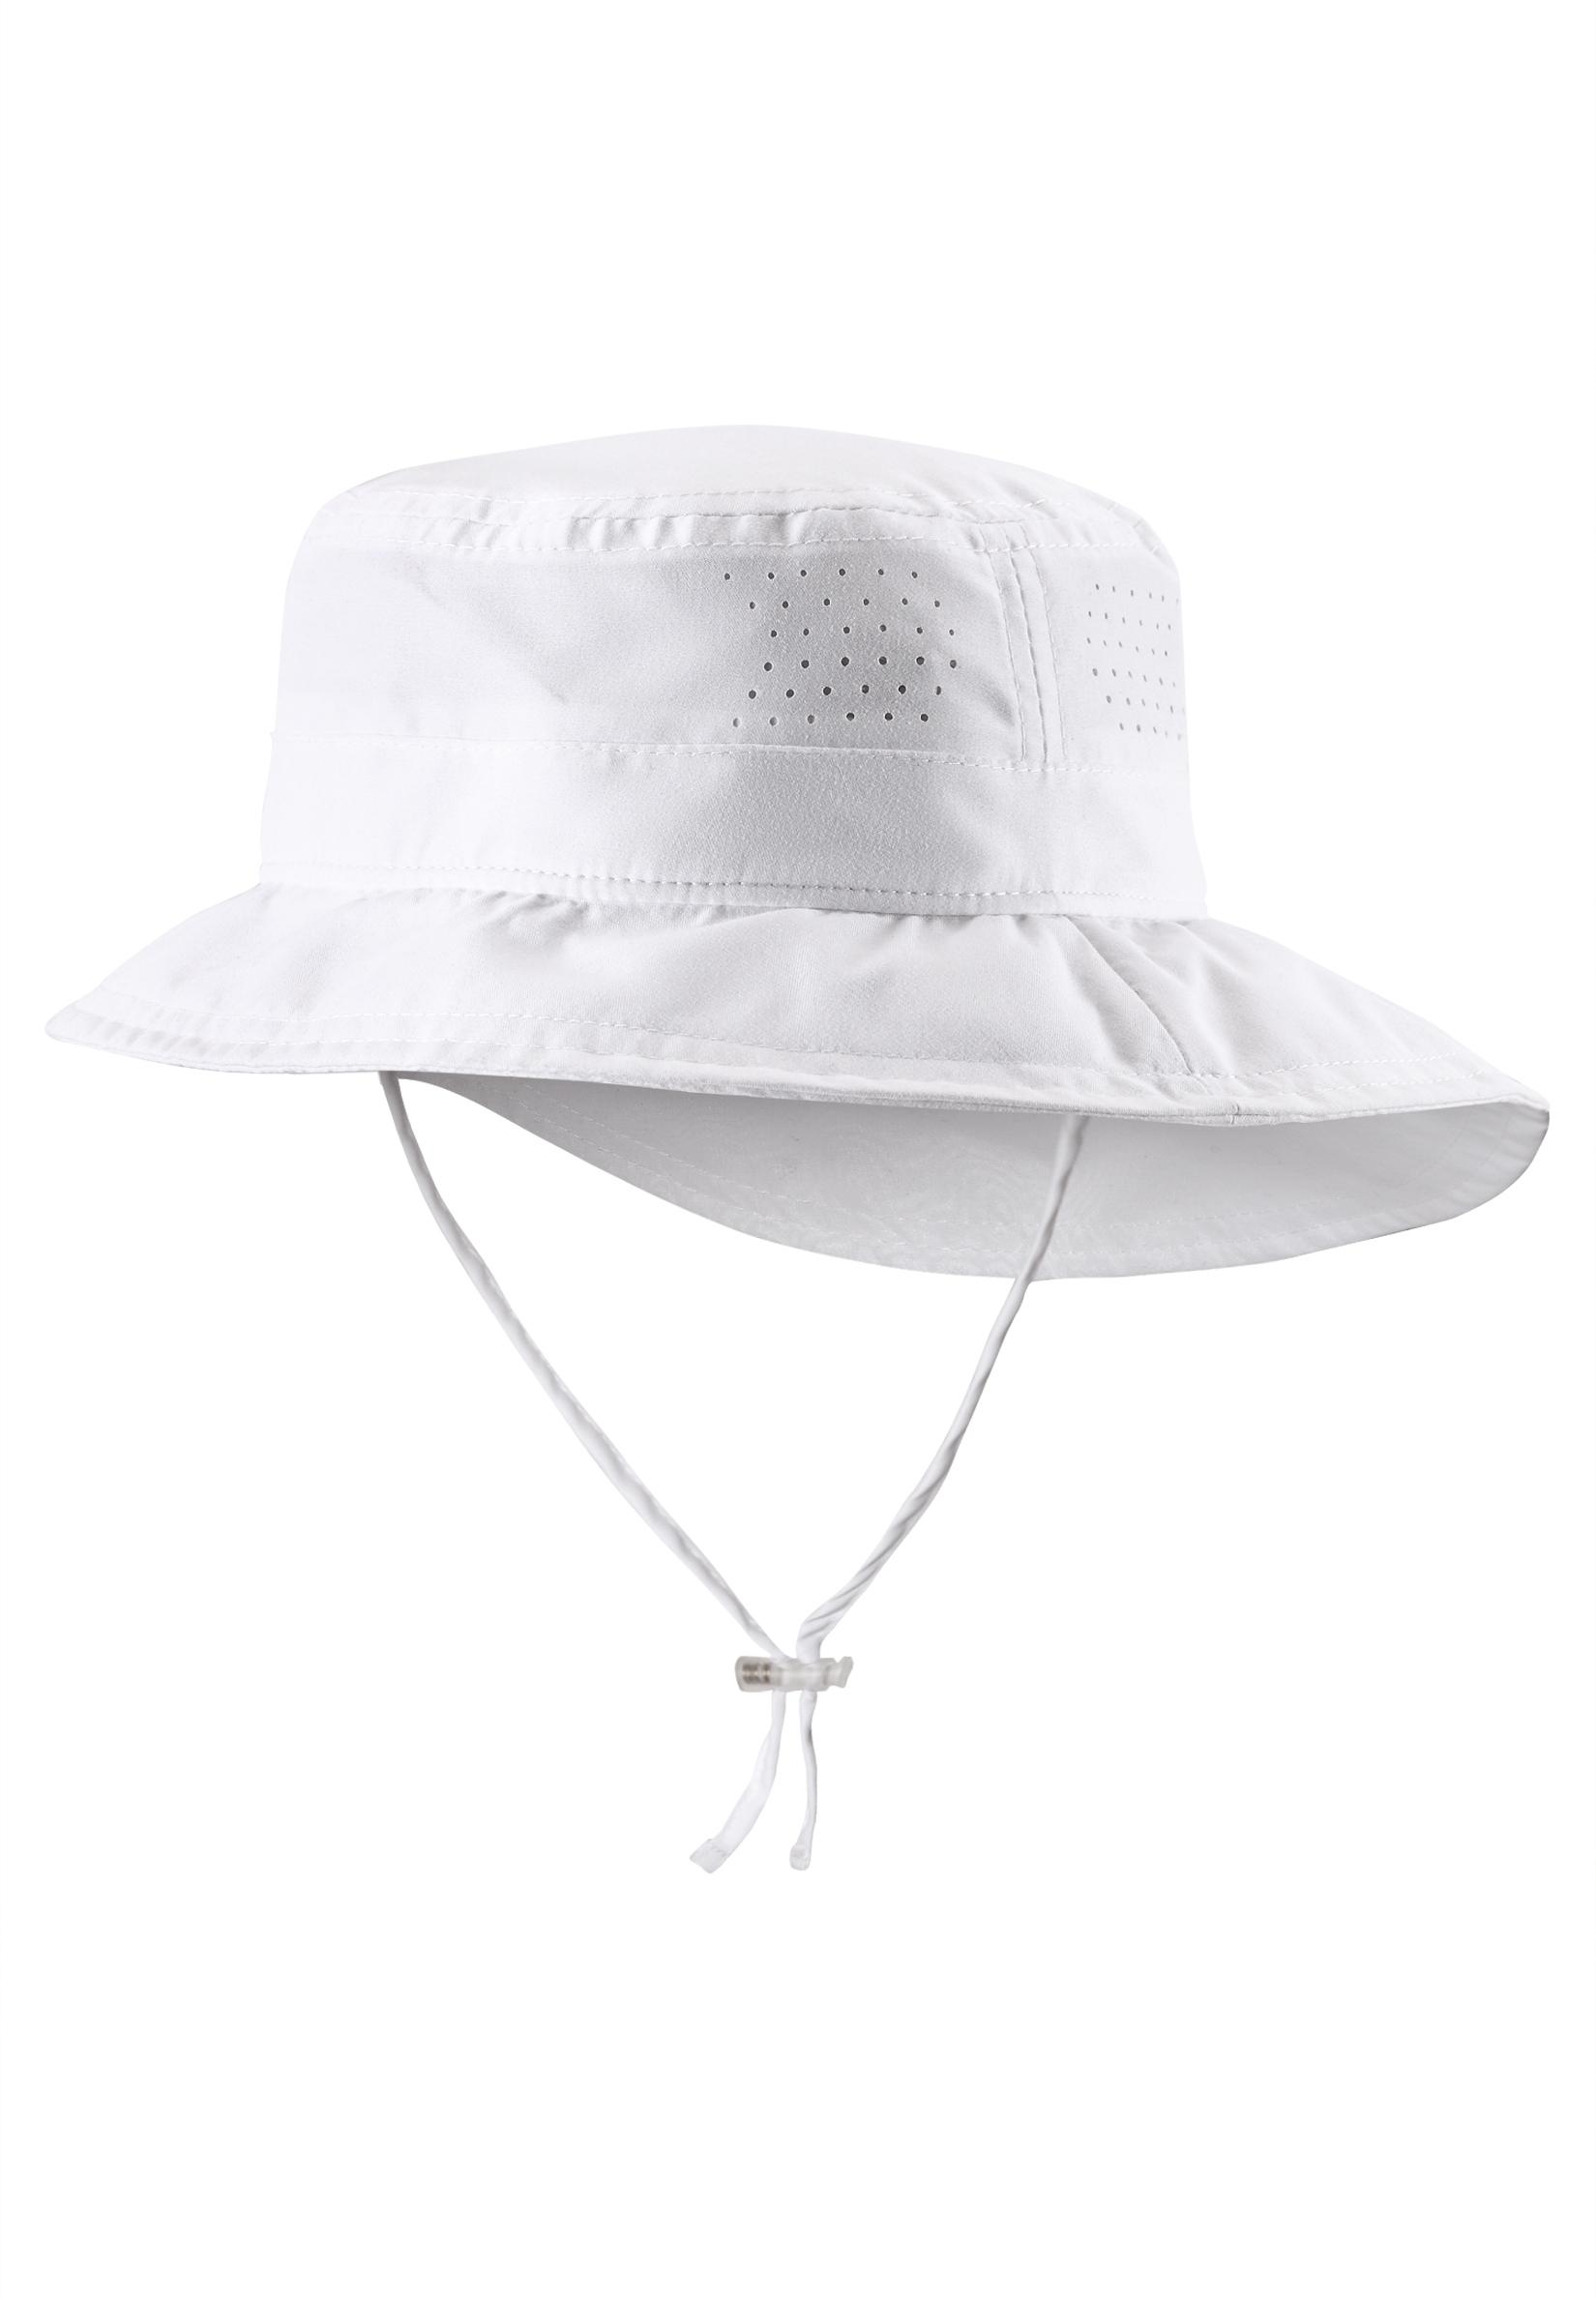 Купить Головные уборы, Шапка Hat, Tropical white, белая, Reima, Китай